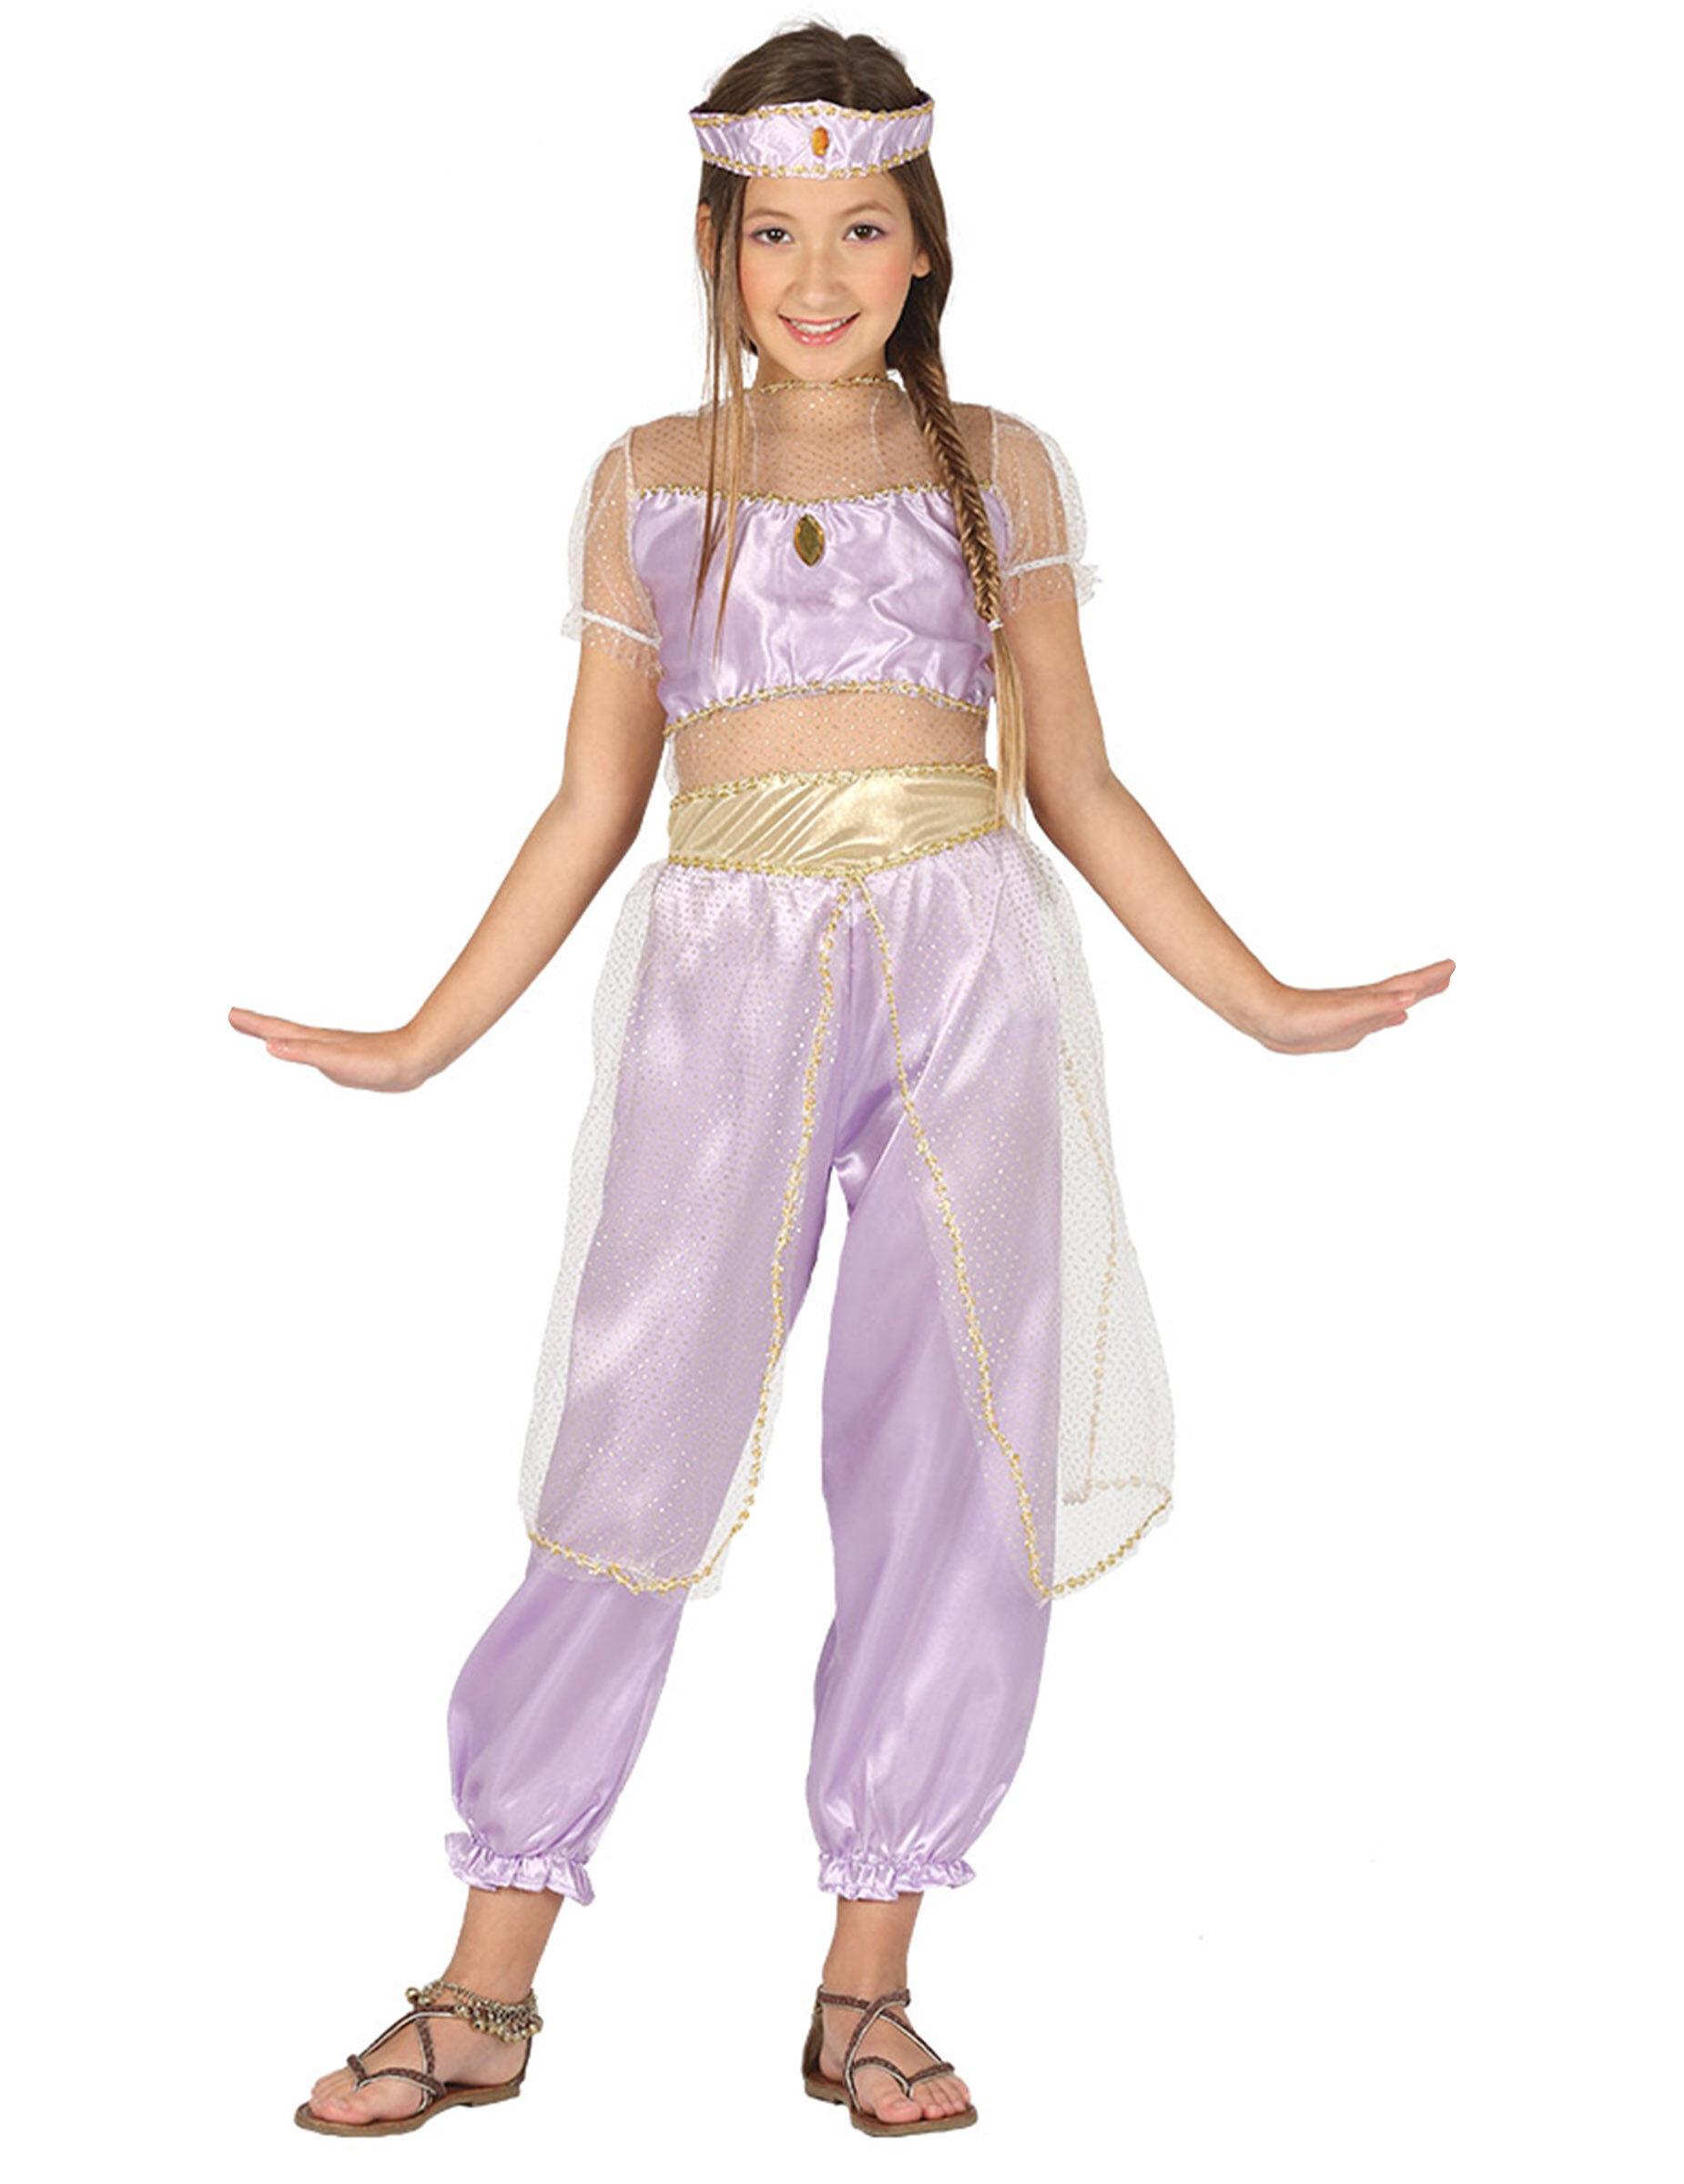 Deguisetoi Déguisement princesse du désert violet fille - Taille: 5 à 6 ans (110-115 cm)